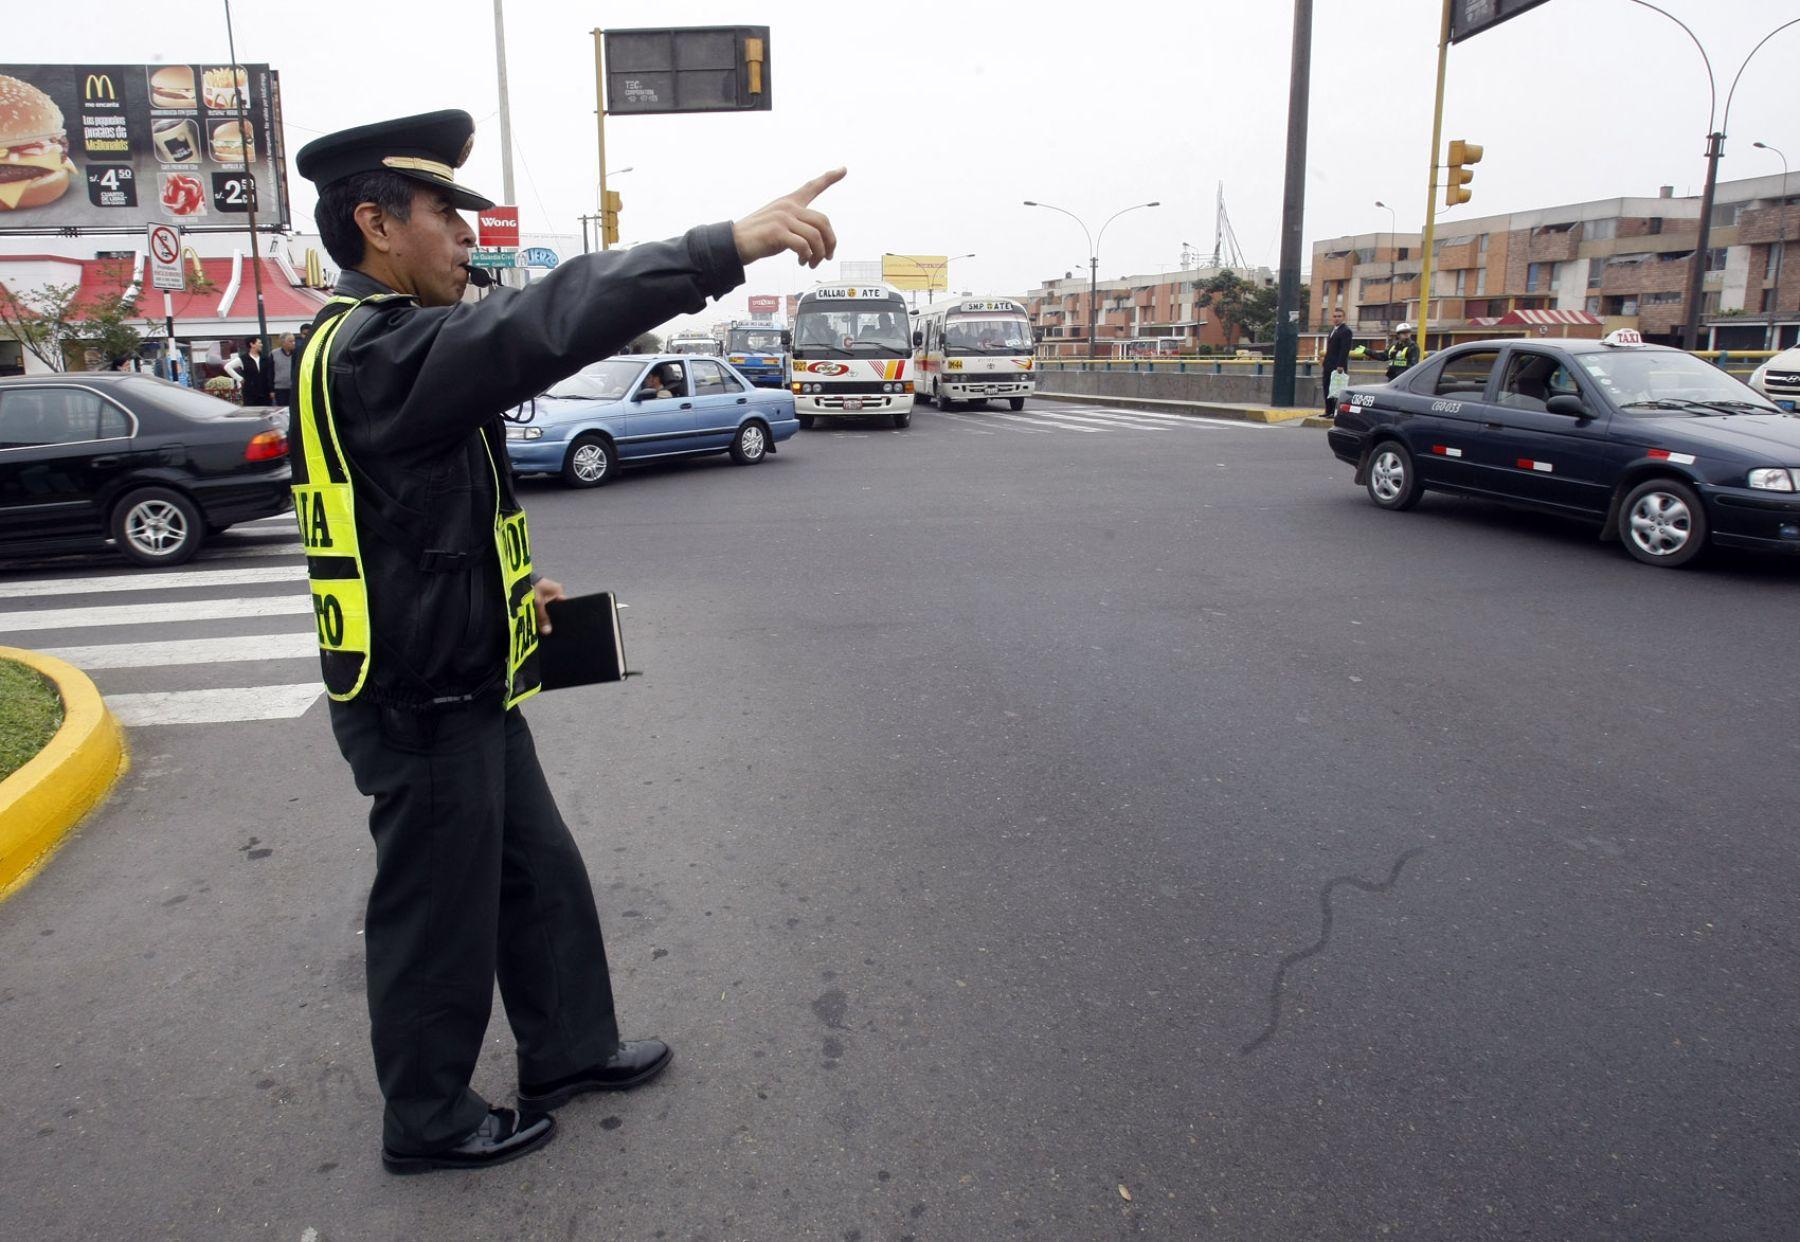 Habrá tránsito restringido hoy en San Borja, sede de la Cumbre de las Américas. Foto: ANDINA/Juan Carlos Guzmán